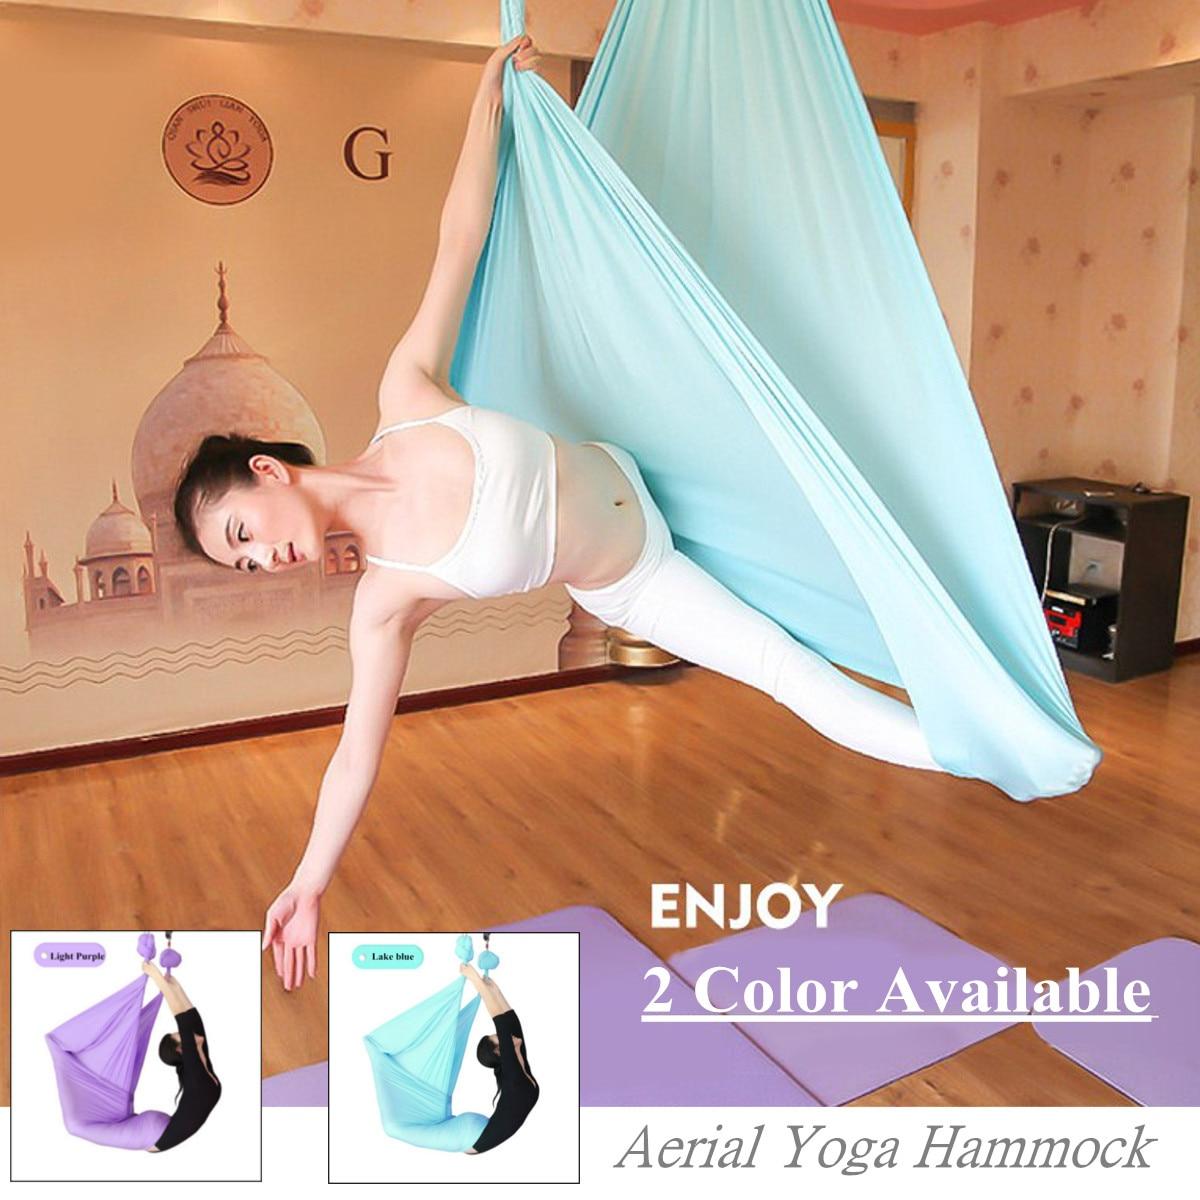 Anti-Gravité Inversion hamac de Yoga Sling Aérienne Pilates Balançoire Trapèze De Yoga Ceintures Gym Fitness Corps matériel de musculatation 9.2x2.8 m